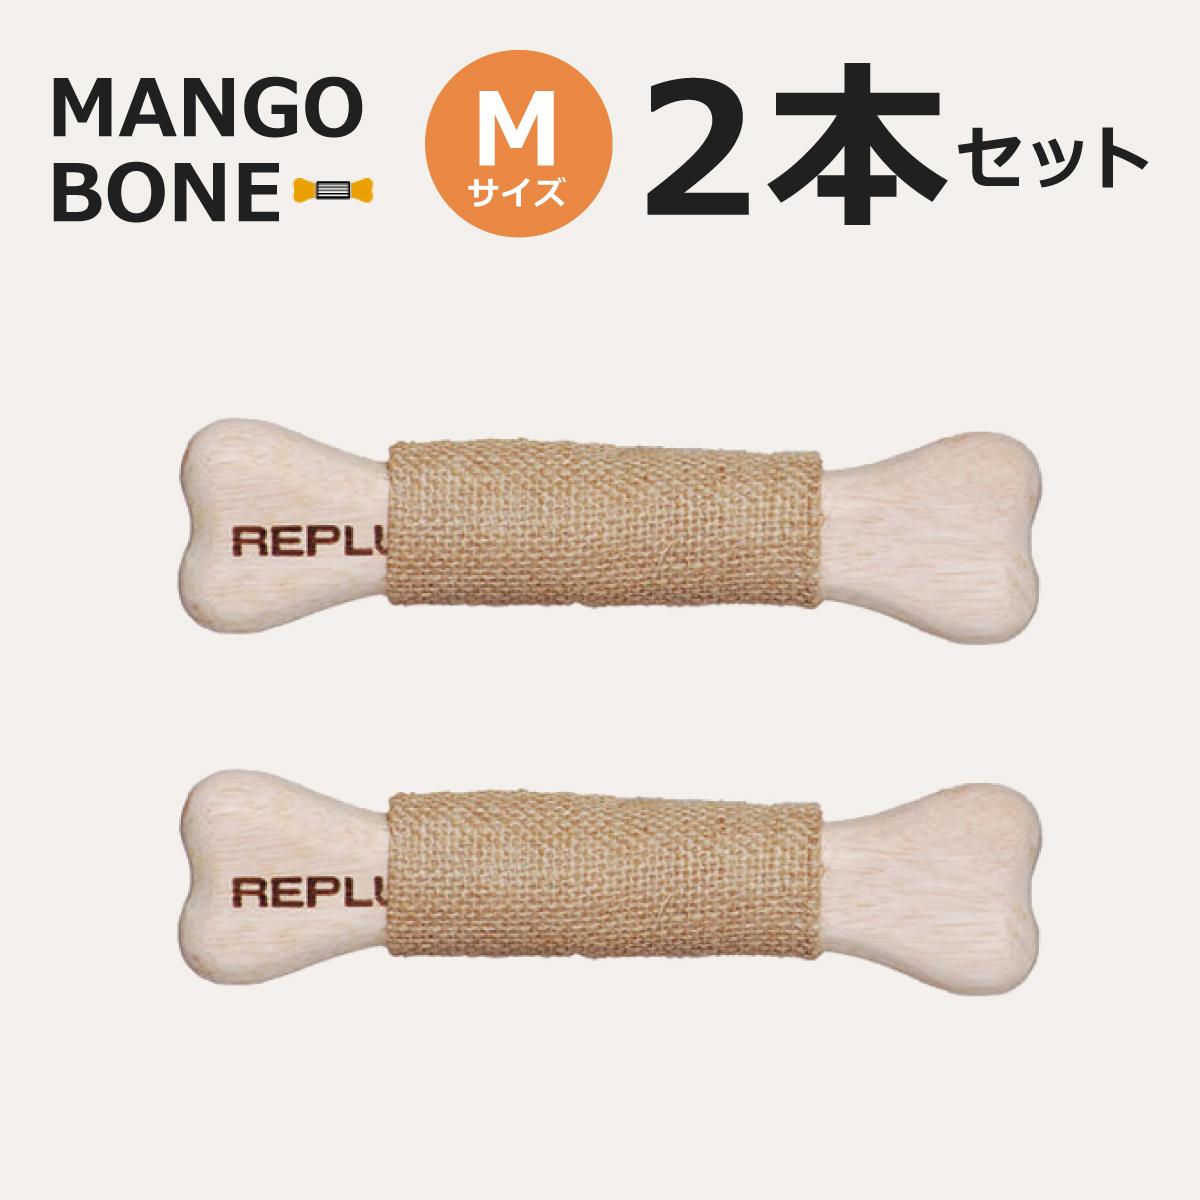 在庫品 送料無料 リプラス おもちゃ 即納 REPLUS ペット用品 ペットグッズ 犬用品 2個セット Beige 全国一律送料無料 ベージュ Bone M Mango 品質保証